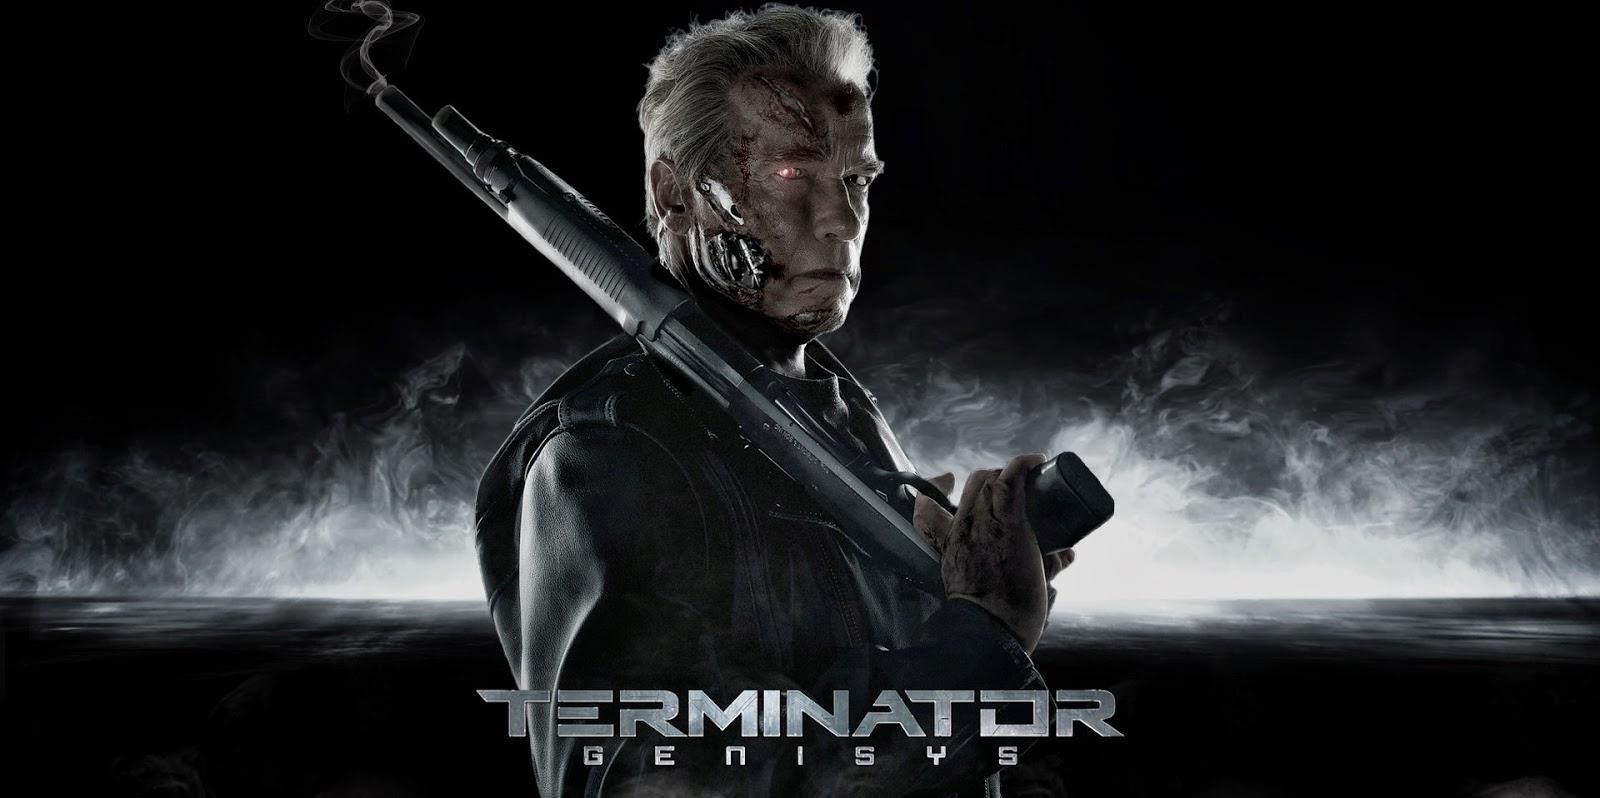 O Exterminador do Futuro: Gênesis ganha cartaz animado com Schwarzenegger